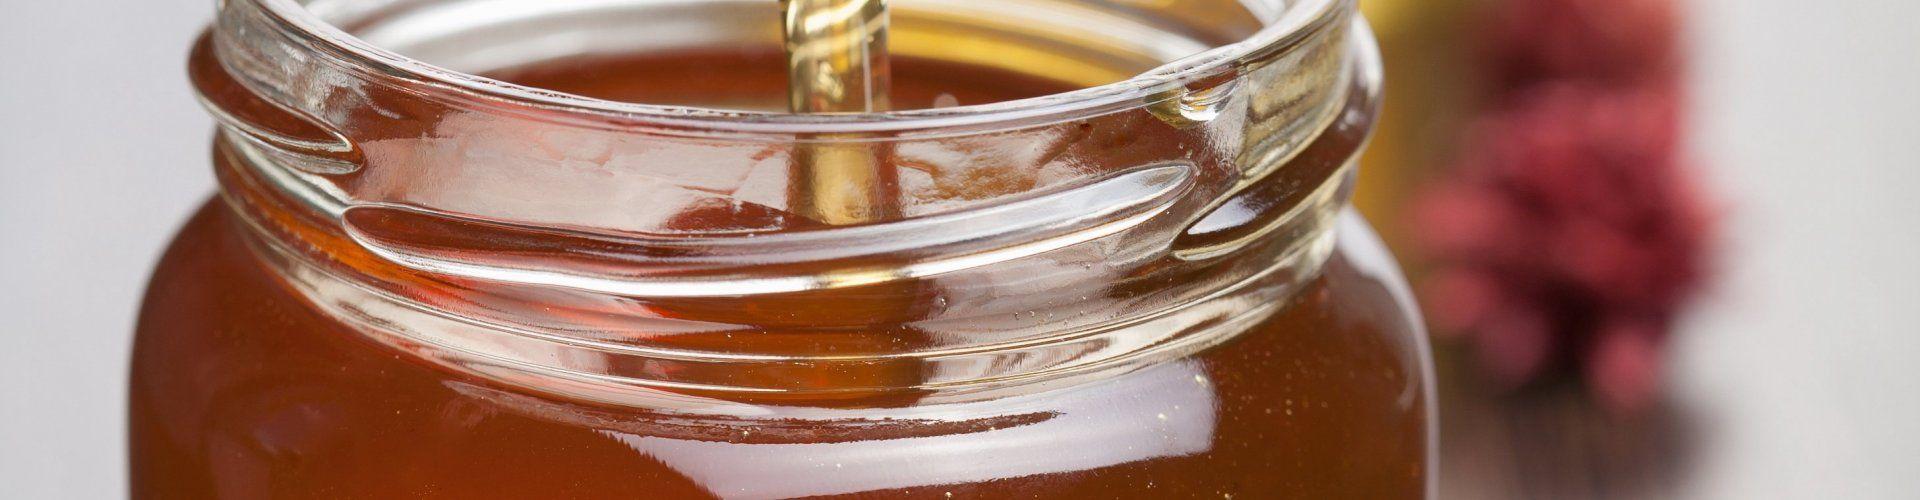 Die Beschützerin der Bienen und des Honigs.